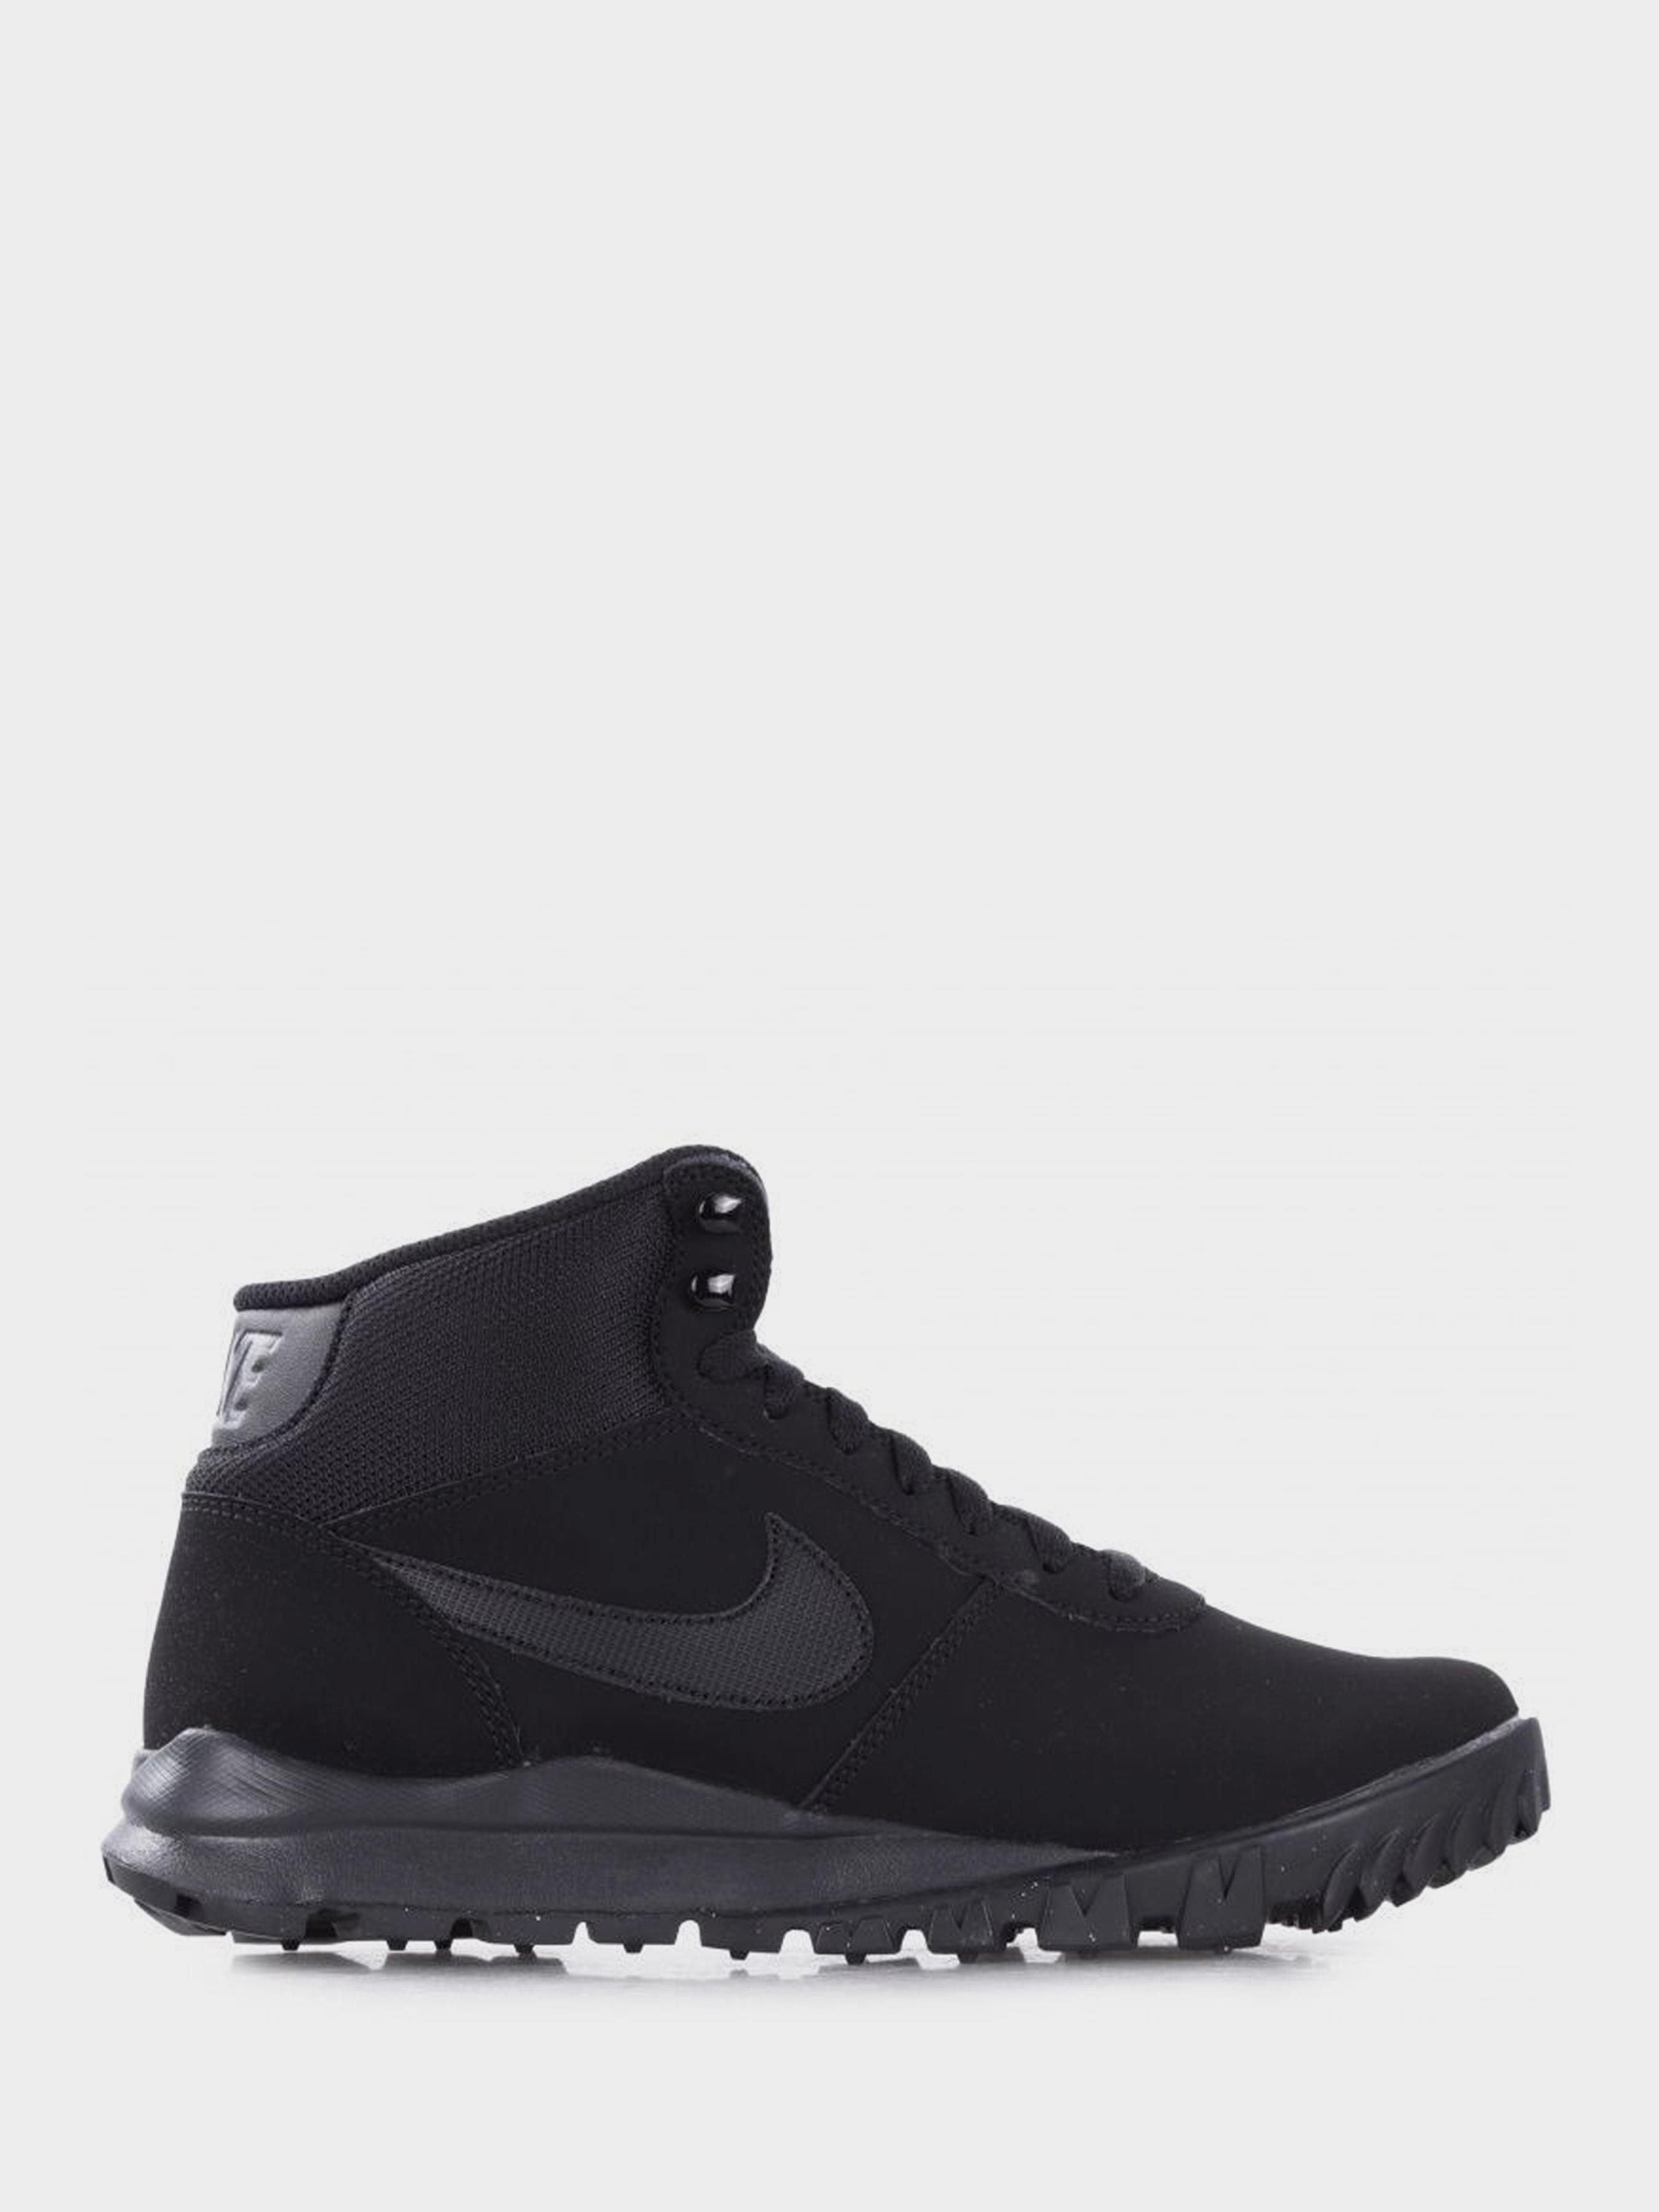 98ff85bf Каталог бренда Nike: купить сумки, рюкзаки, аксессуары в Киеве ...